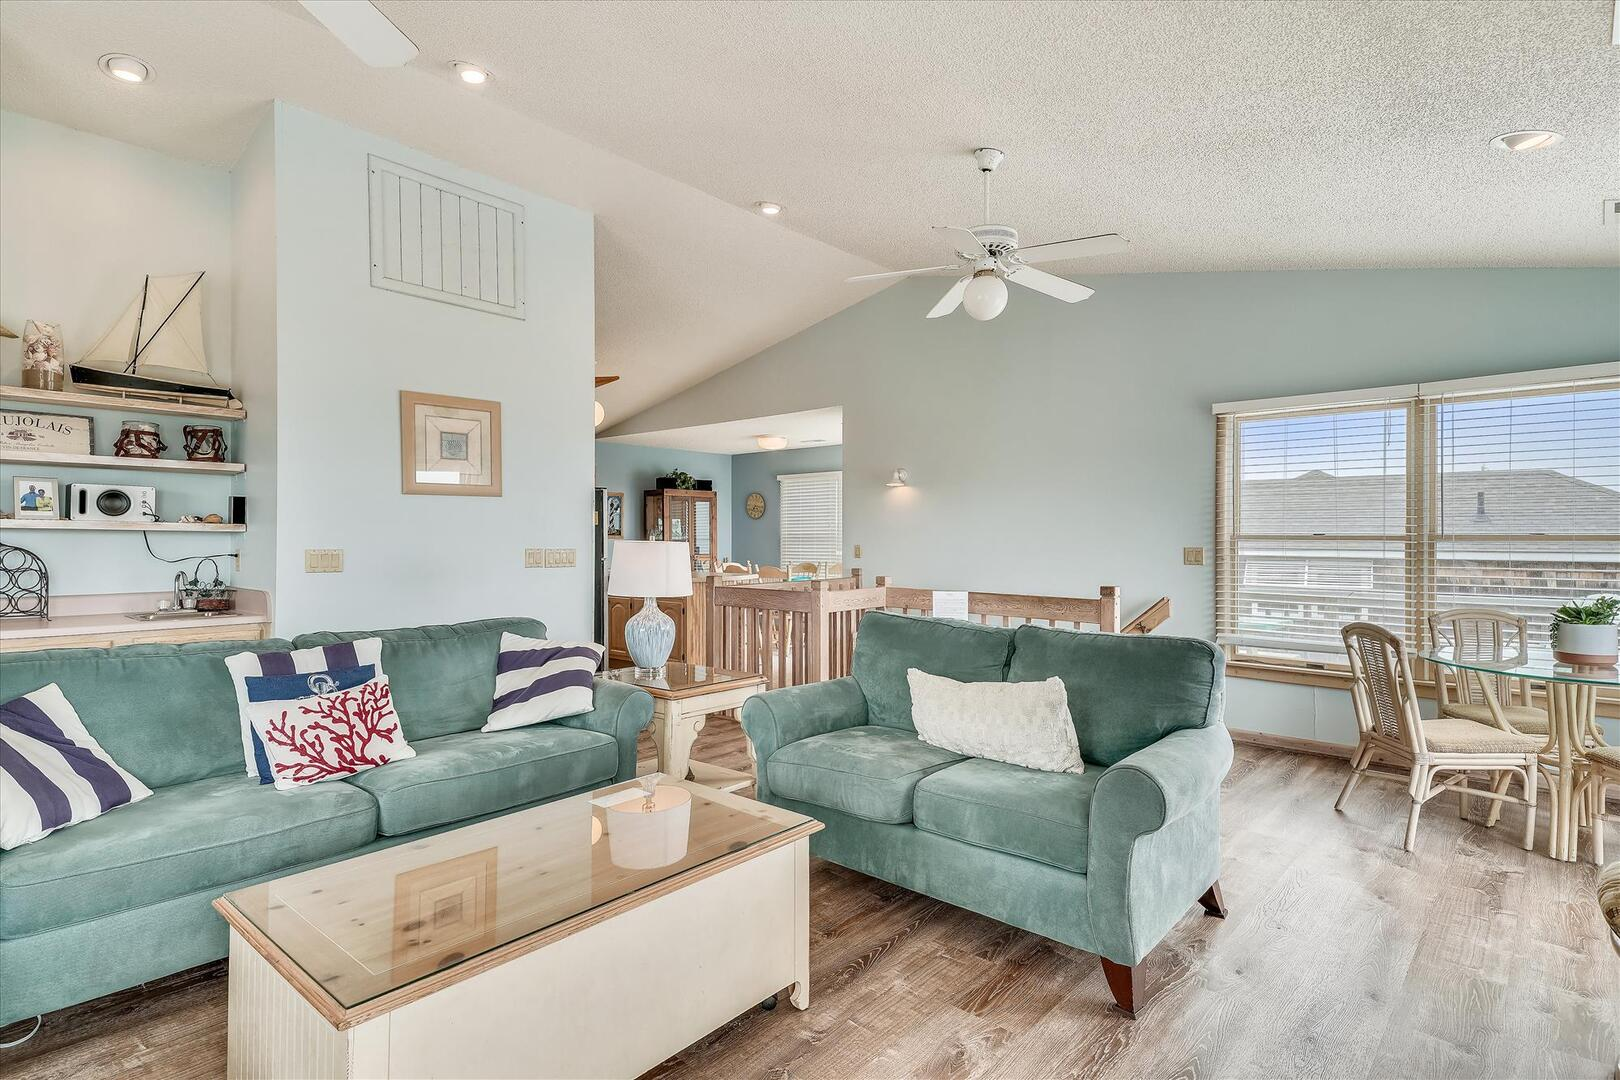 Upper/ Main Floor,Living Area,